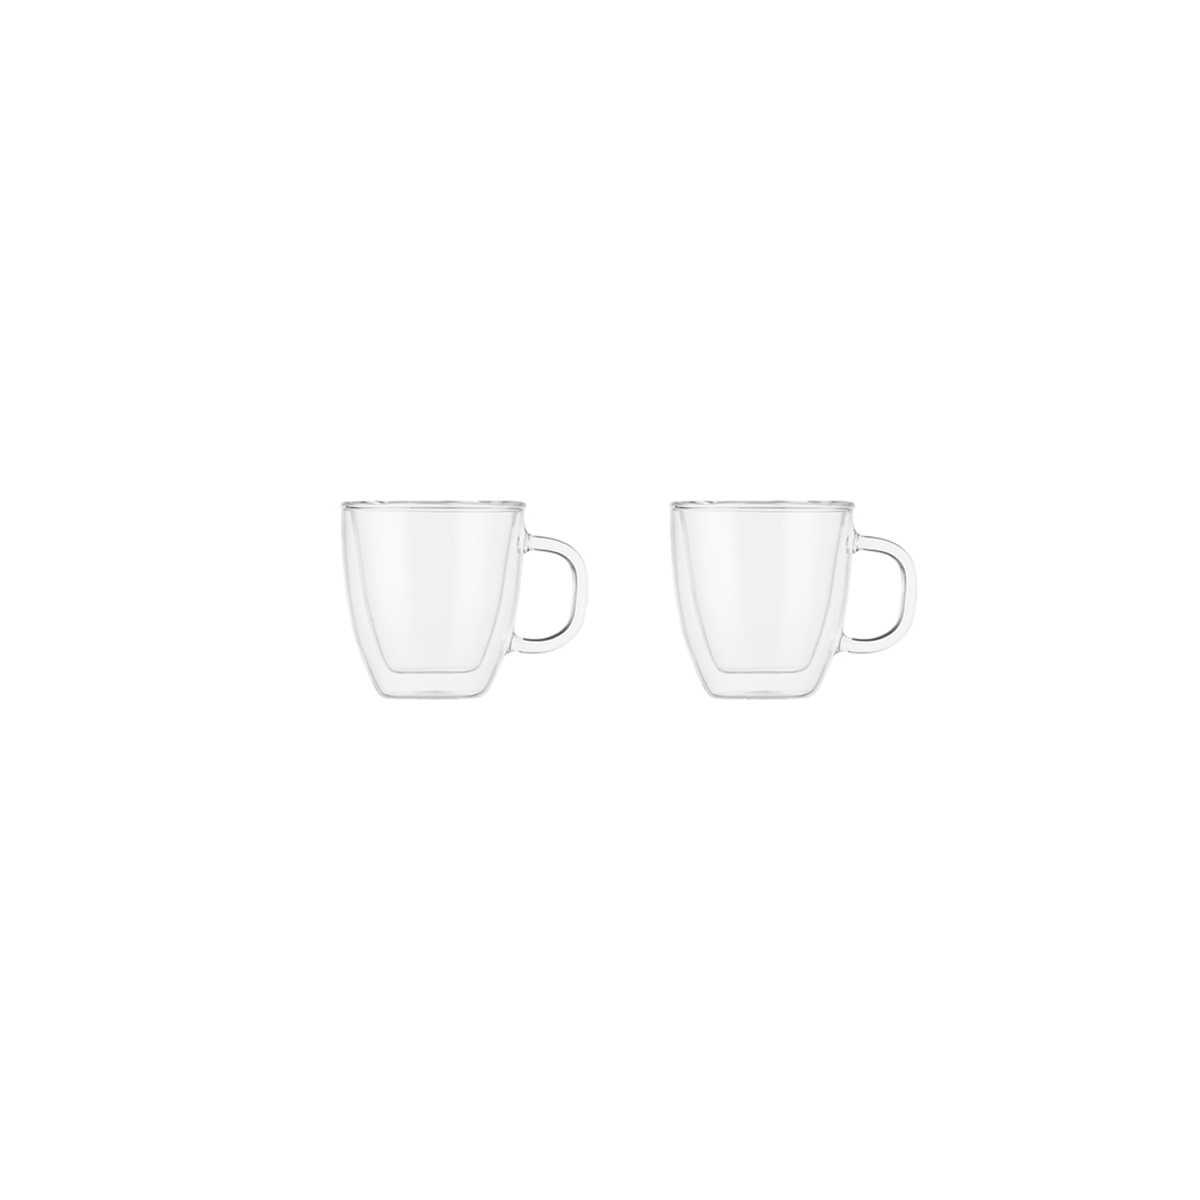 Набор чашек для эспрессо 0,15 л, 2 шт Bodum Bistro  (10602-10) Bodum 10602-10 фото 0